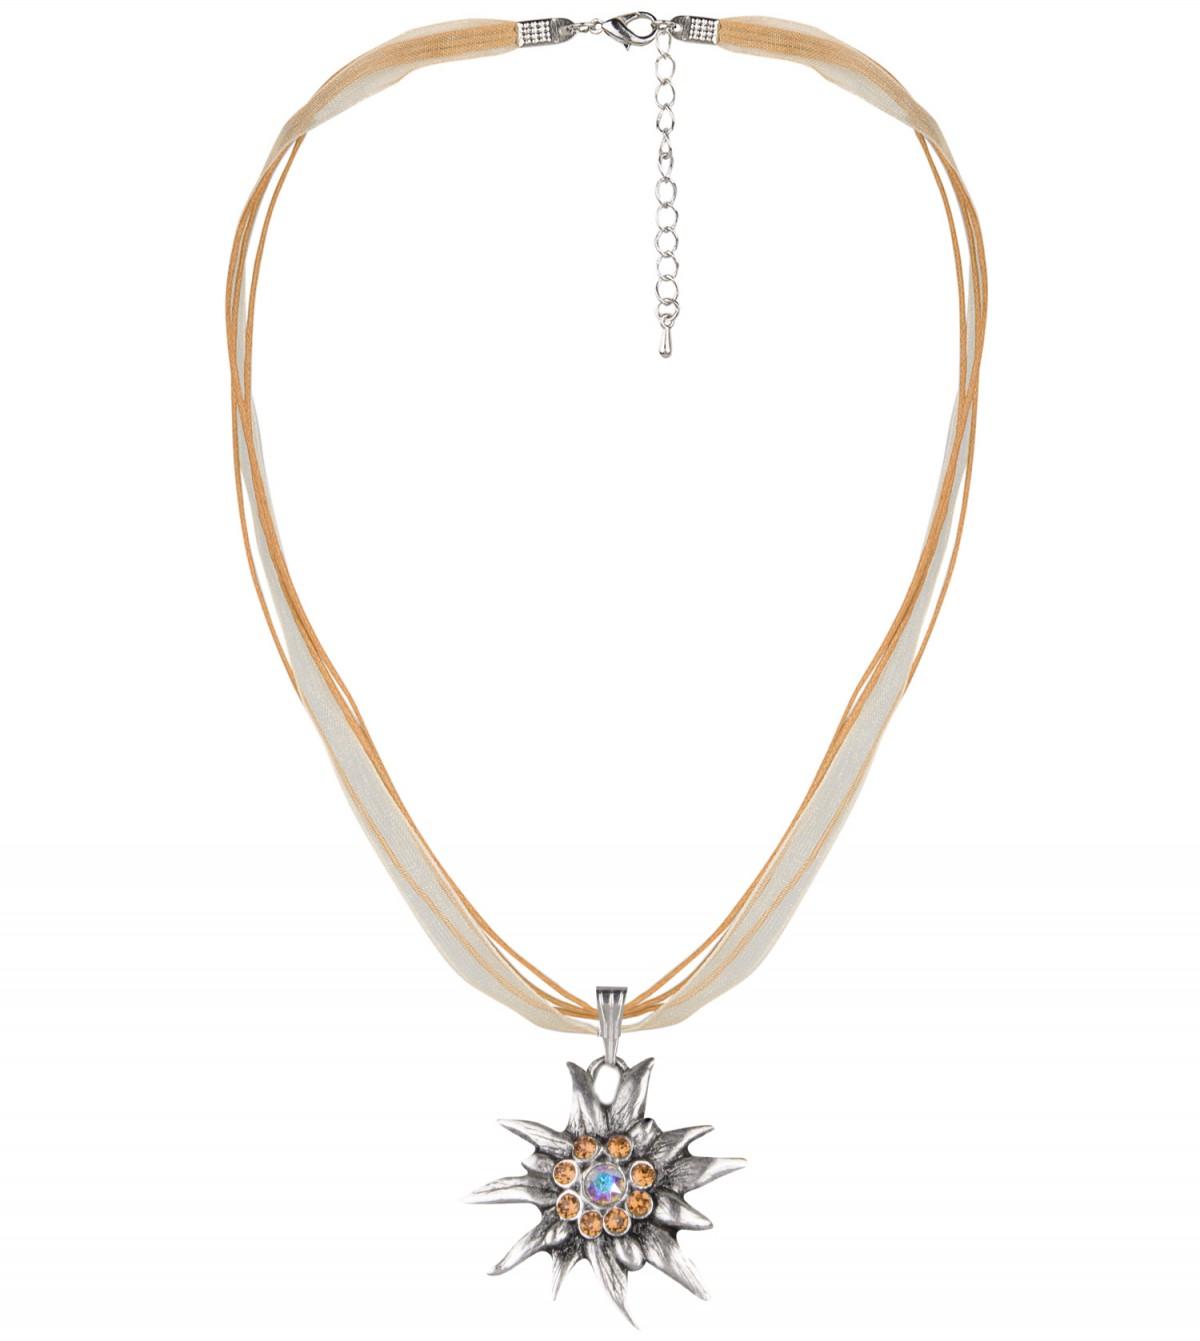 Halskette mit Edelweißanhänger in Beige von Schlick Accessoires günstig online kaufen